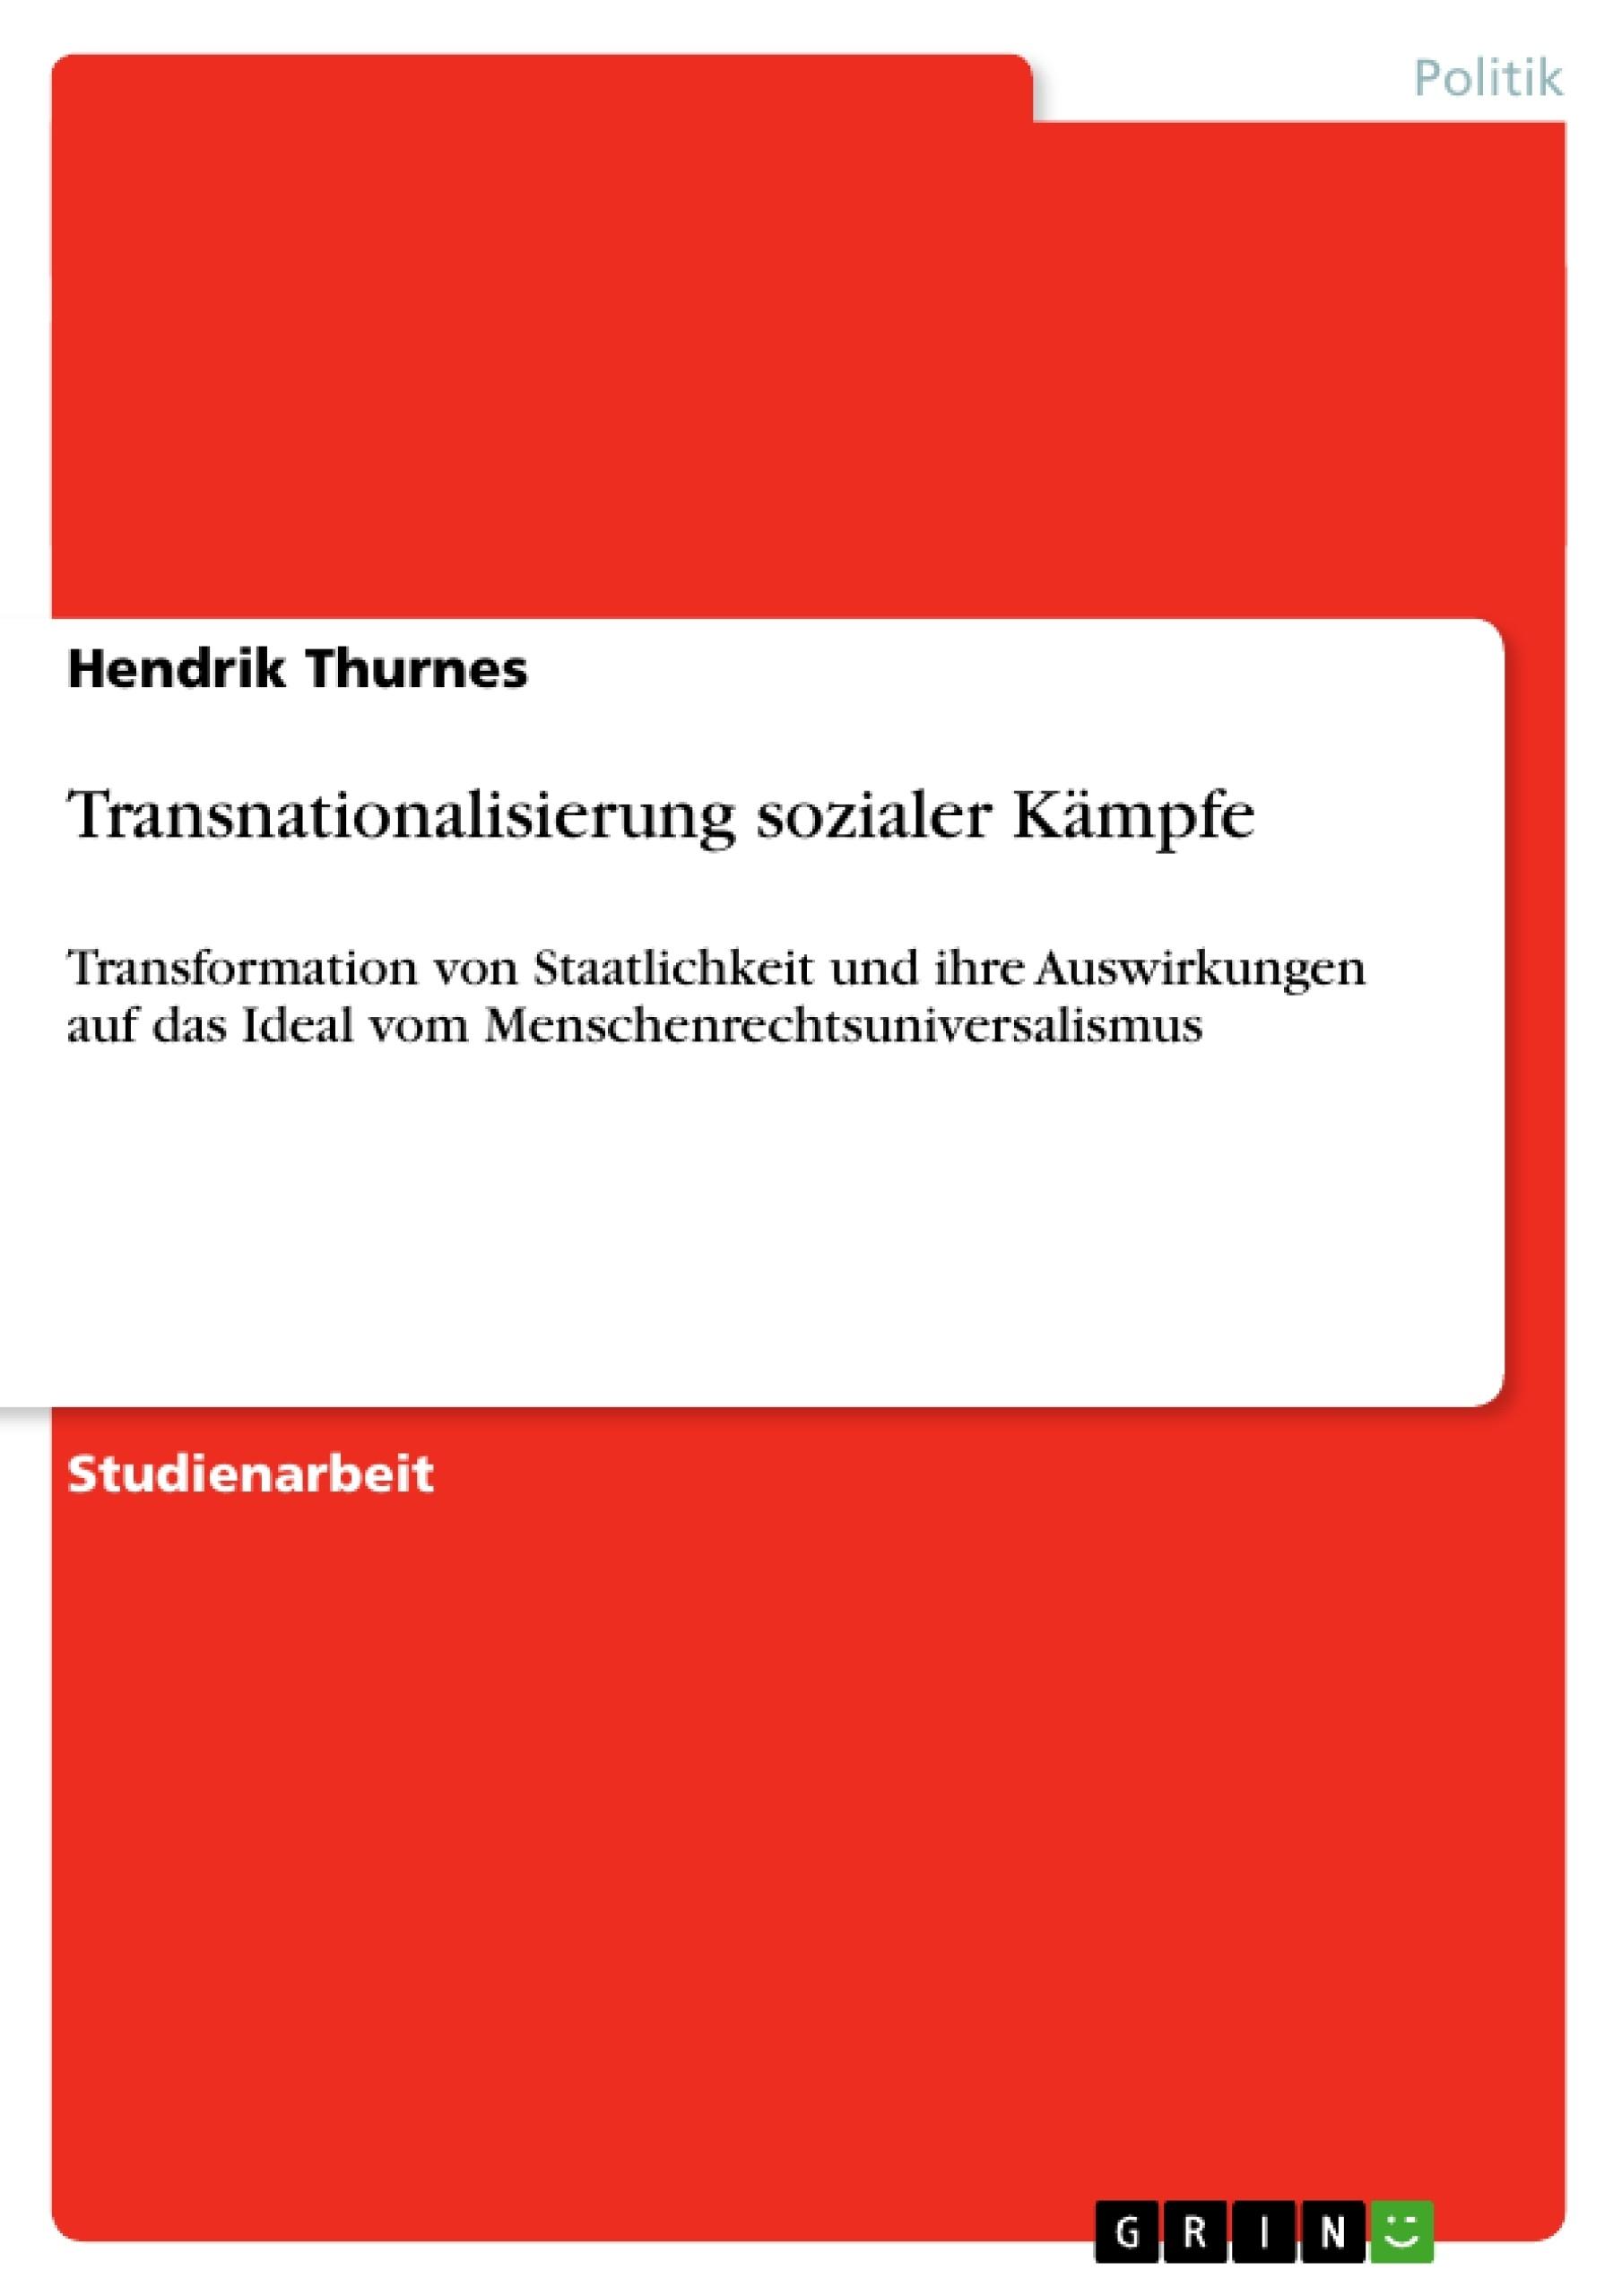 Titel: Transnationalisierung sozialer Kämpfe